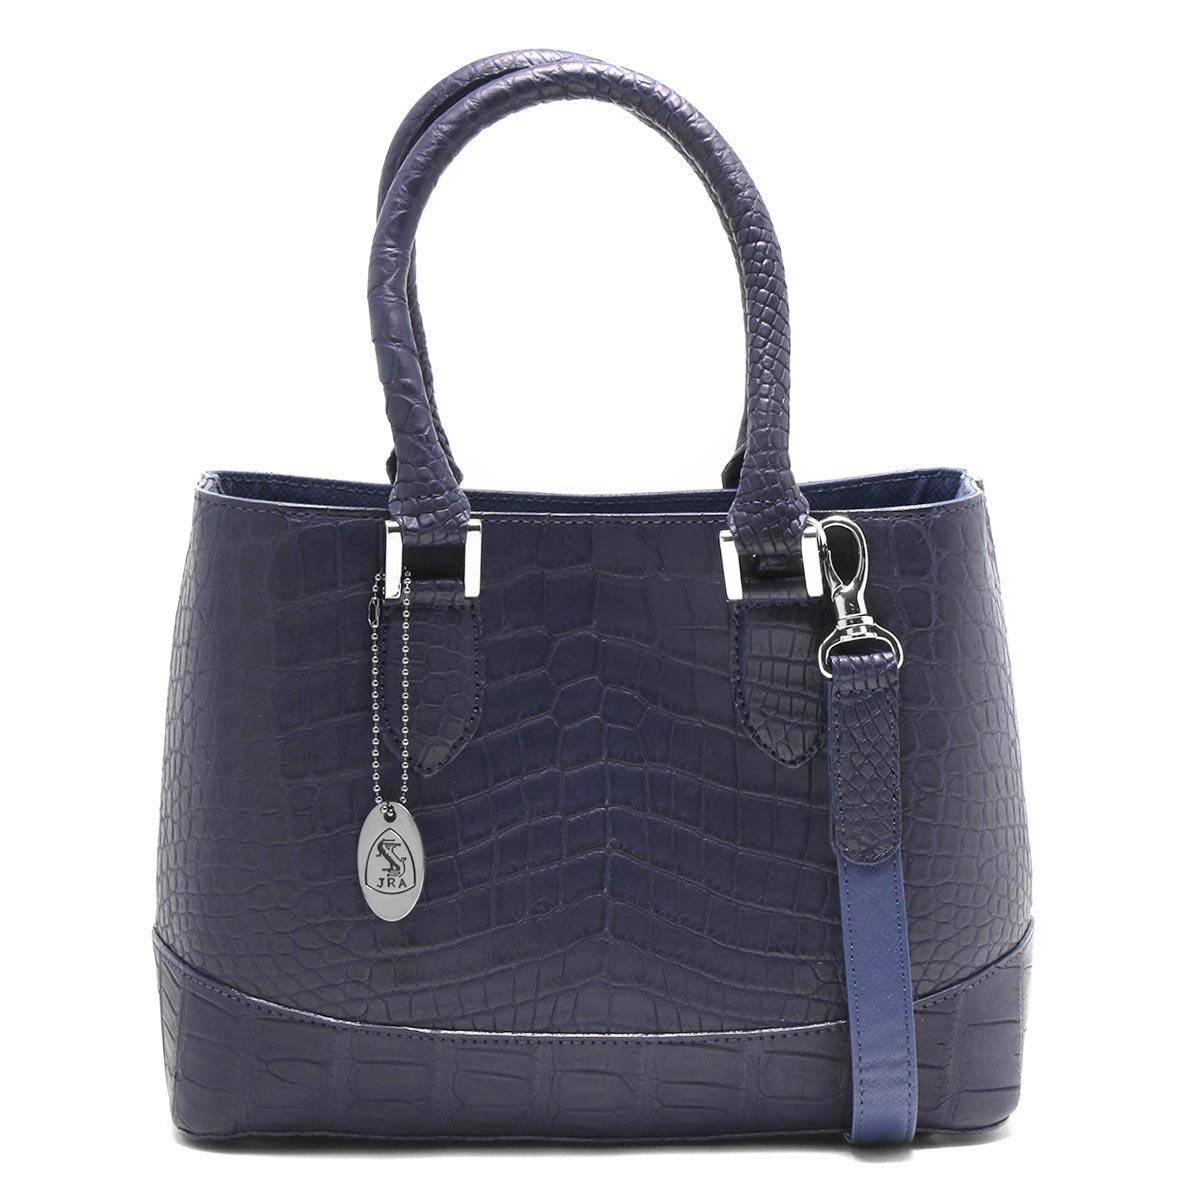 本革 ハンドバッグ/ショルダーバッグ バッグ レディース クロコ ロイヤルブルー CRB312 RBLU Leather